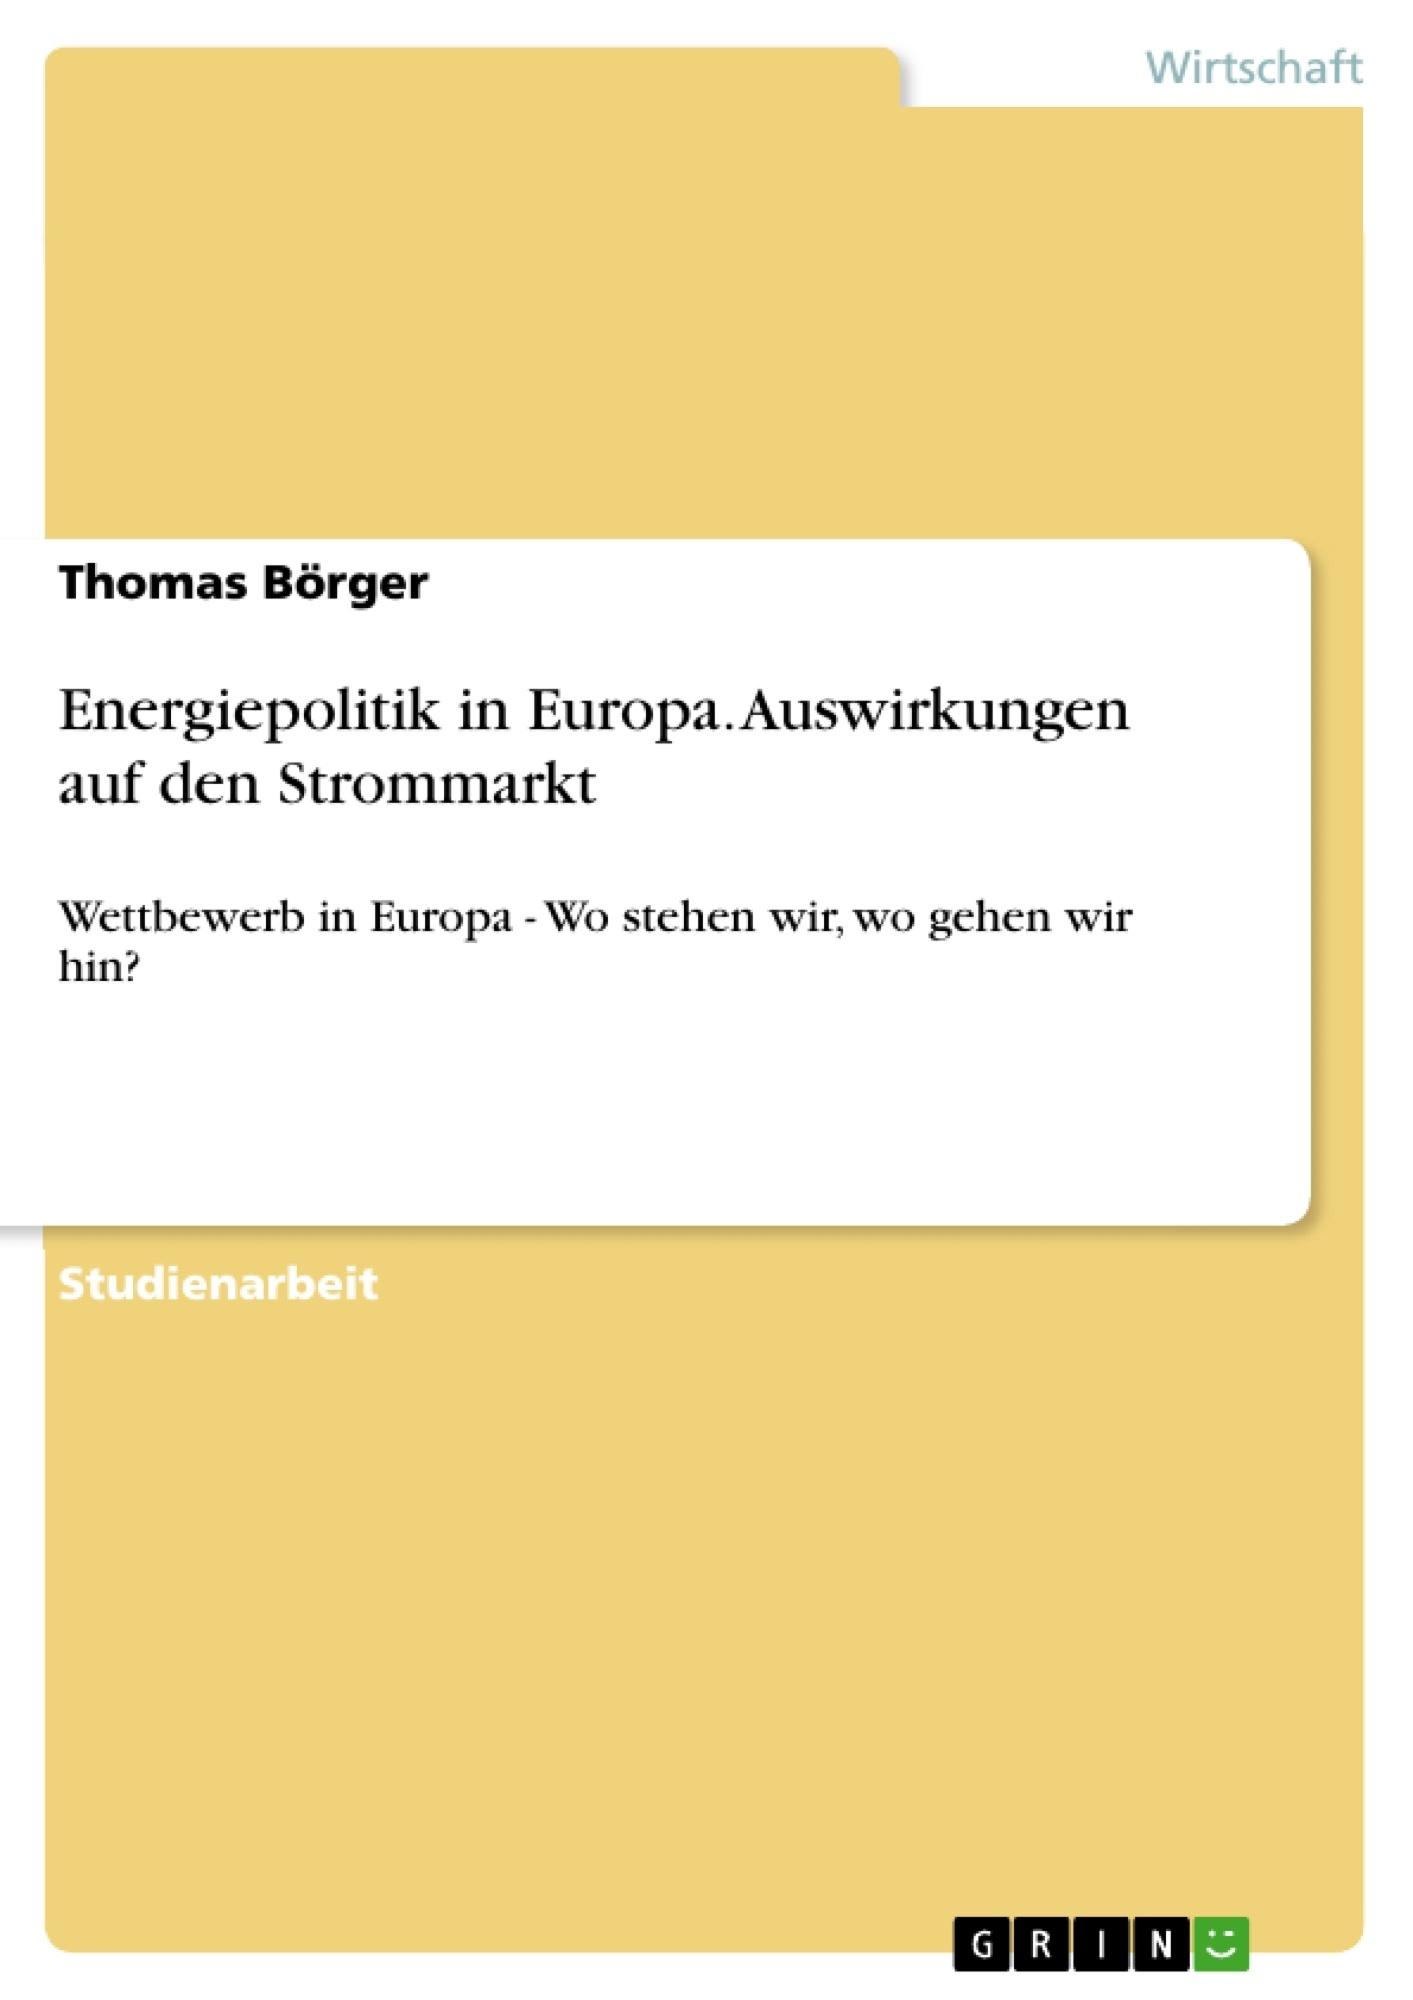 Titel: Energiepolitik in Europa. Auswirkungen auf den Strommarkt